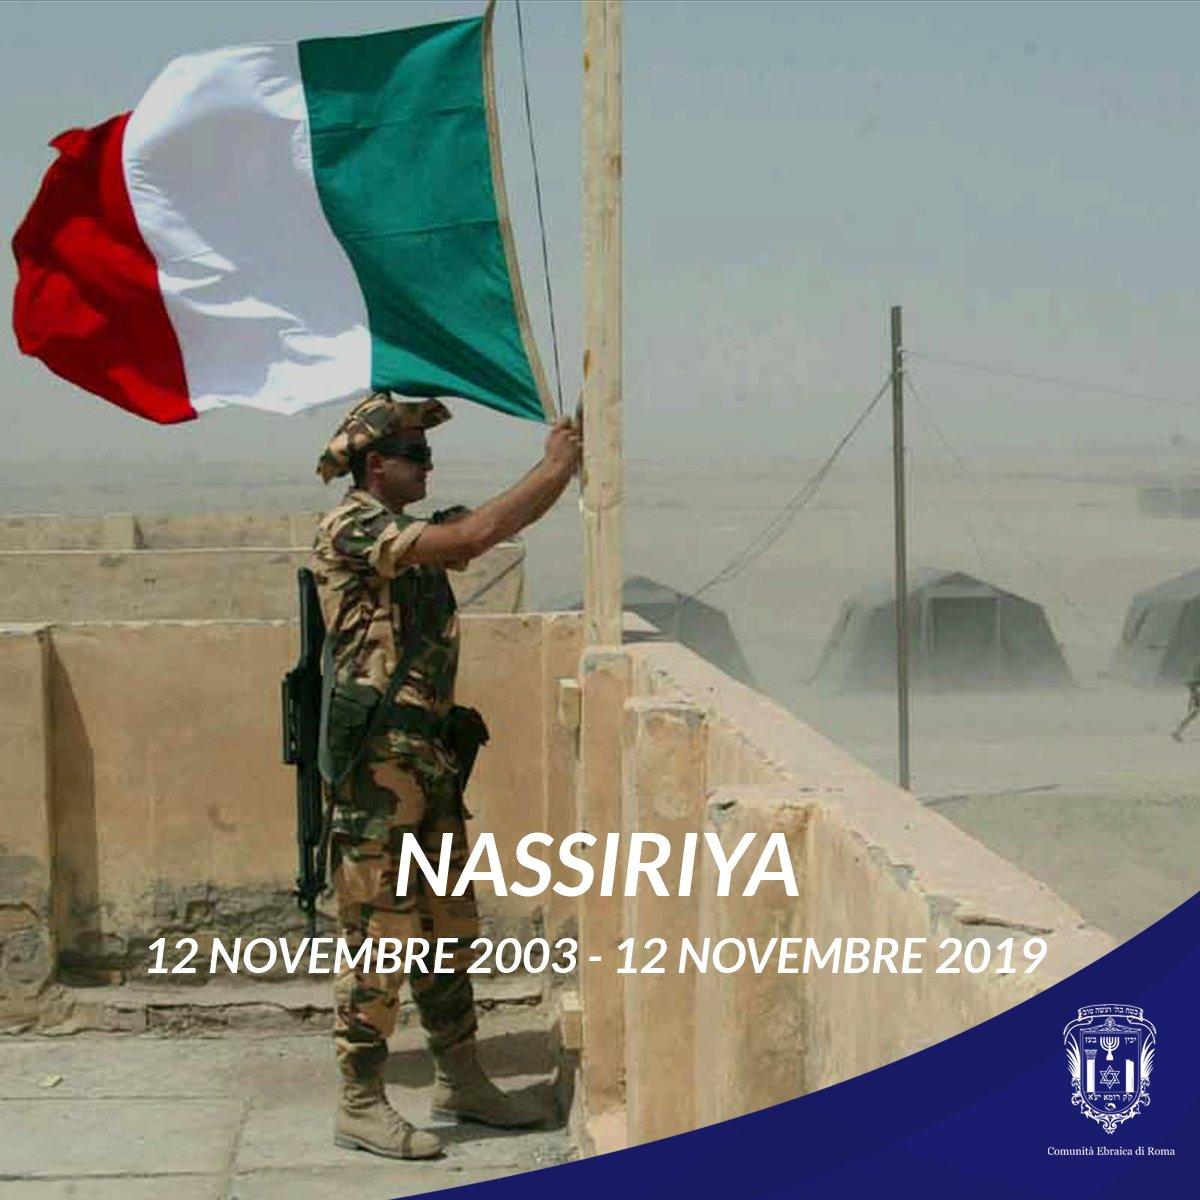 #Nassiriya